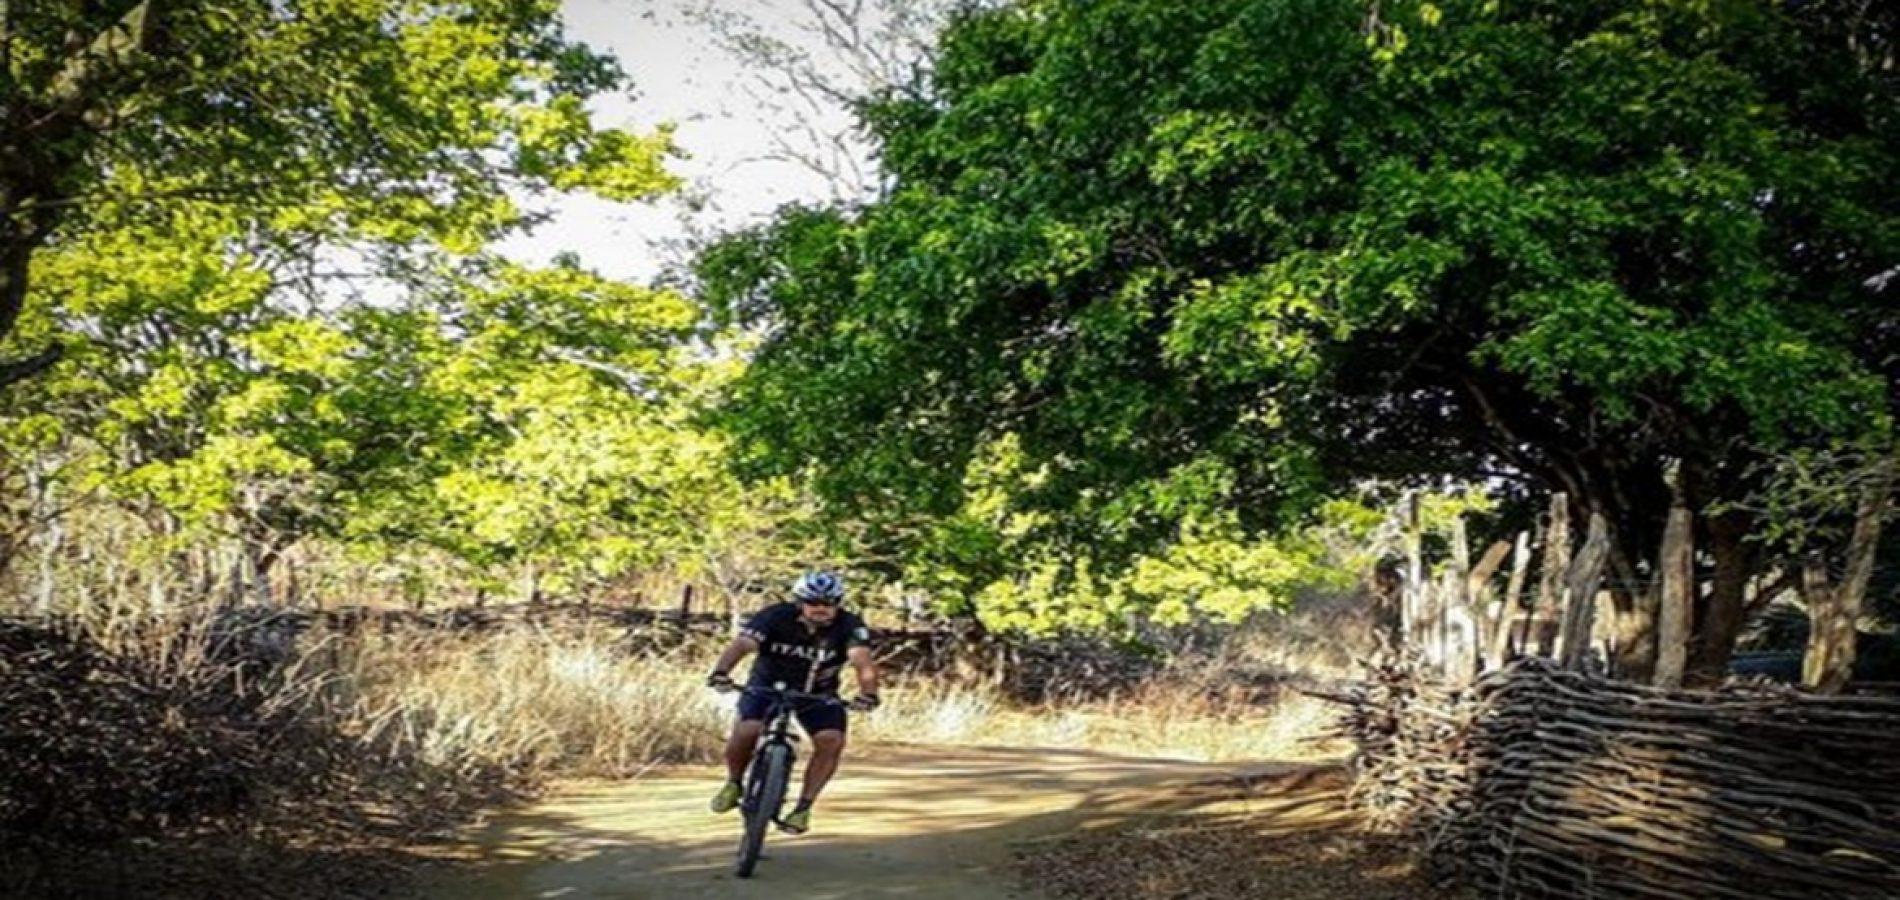 Grande desafio de bike será realizado em Pio IX em março